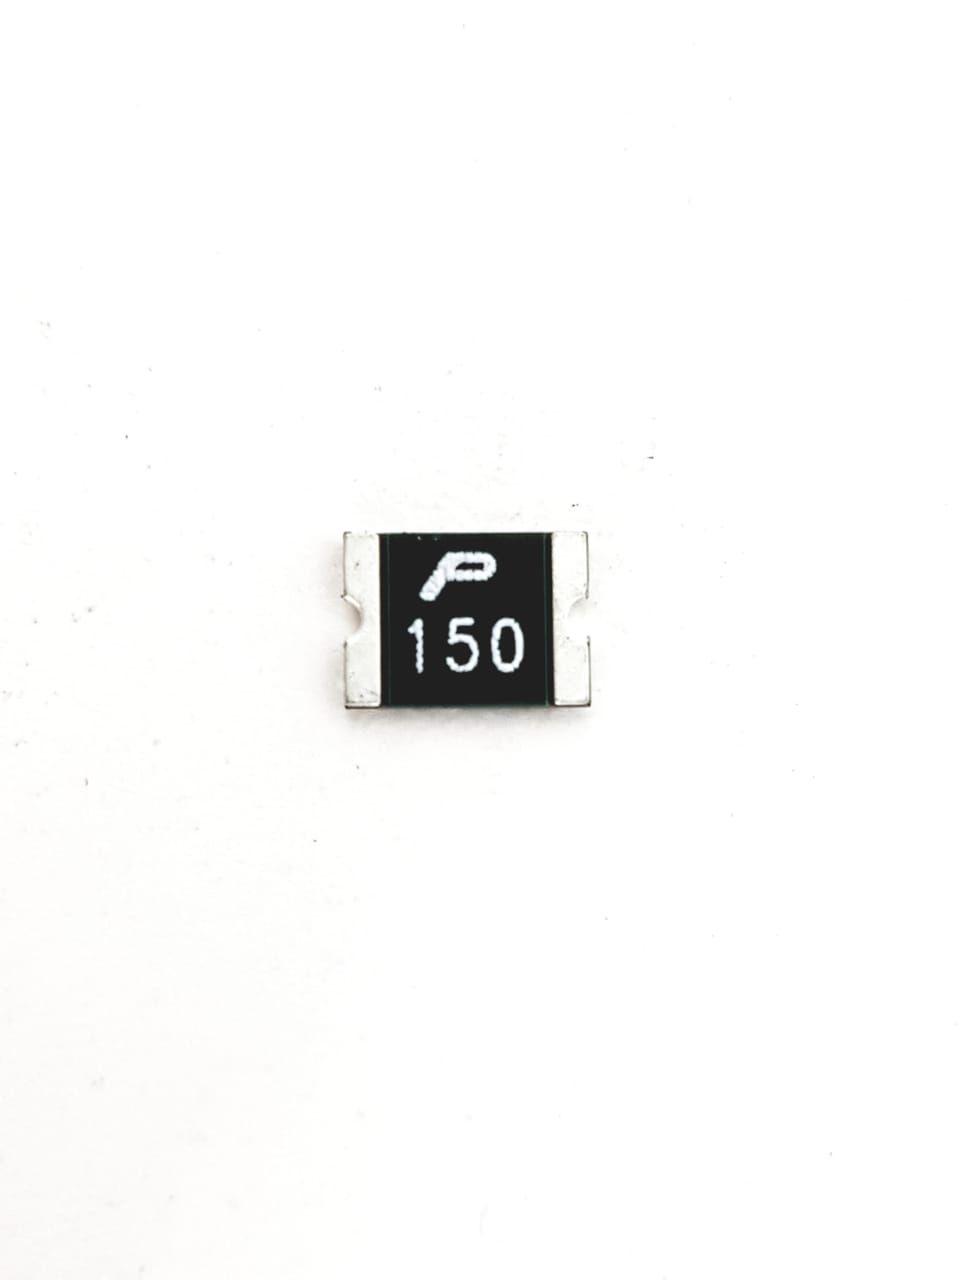 50 peças Fusível em SMD 1-5 AMP x 8V 0,5 x 0,3 Marking 150